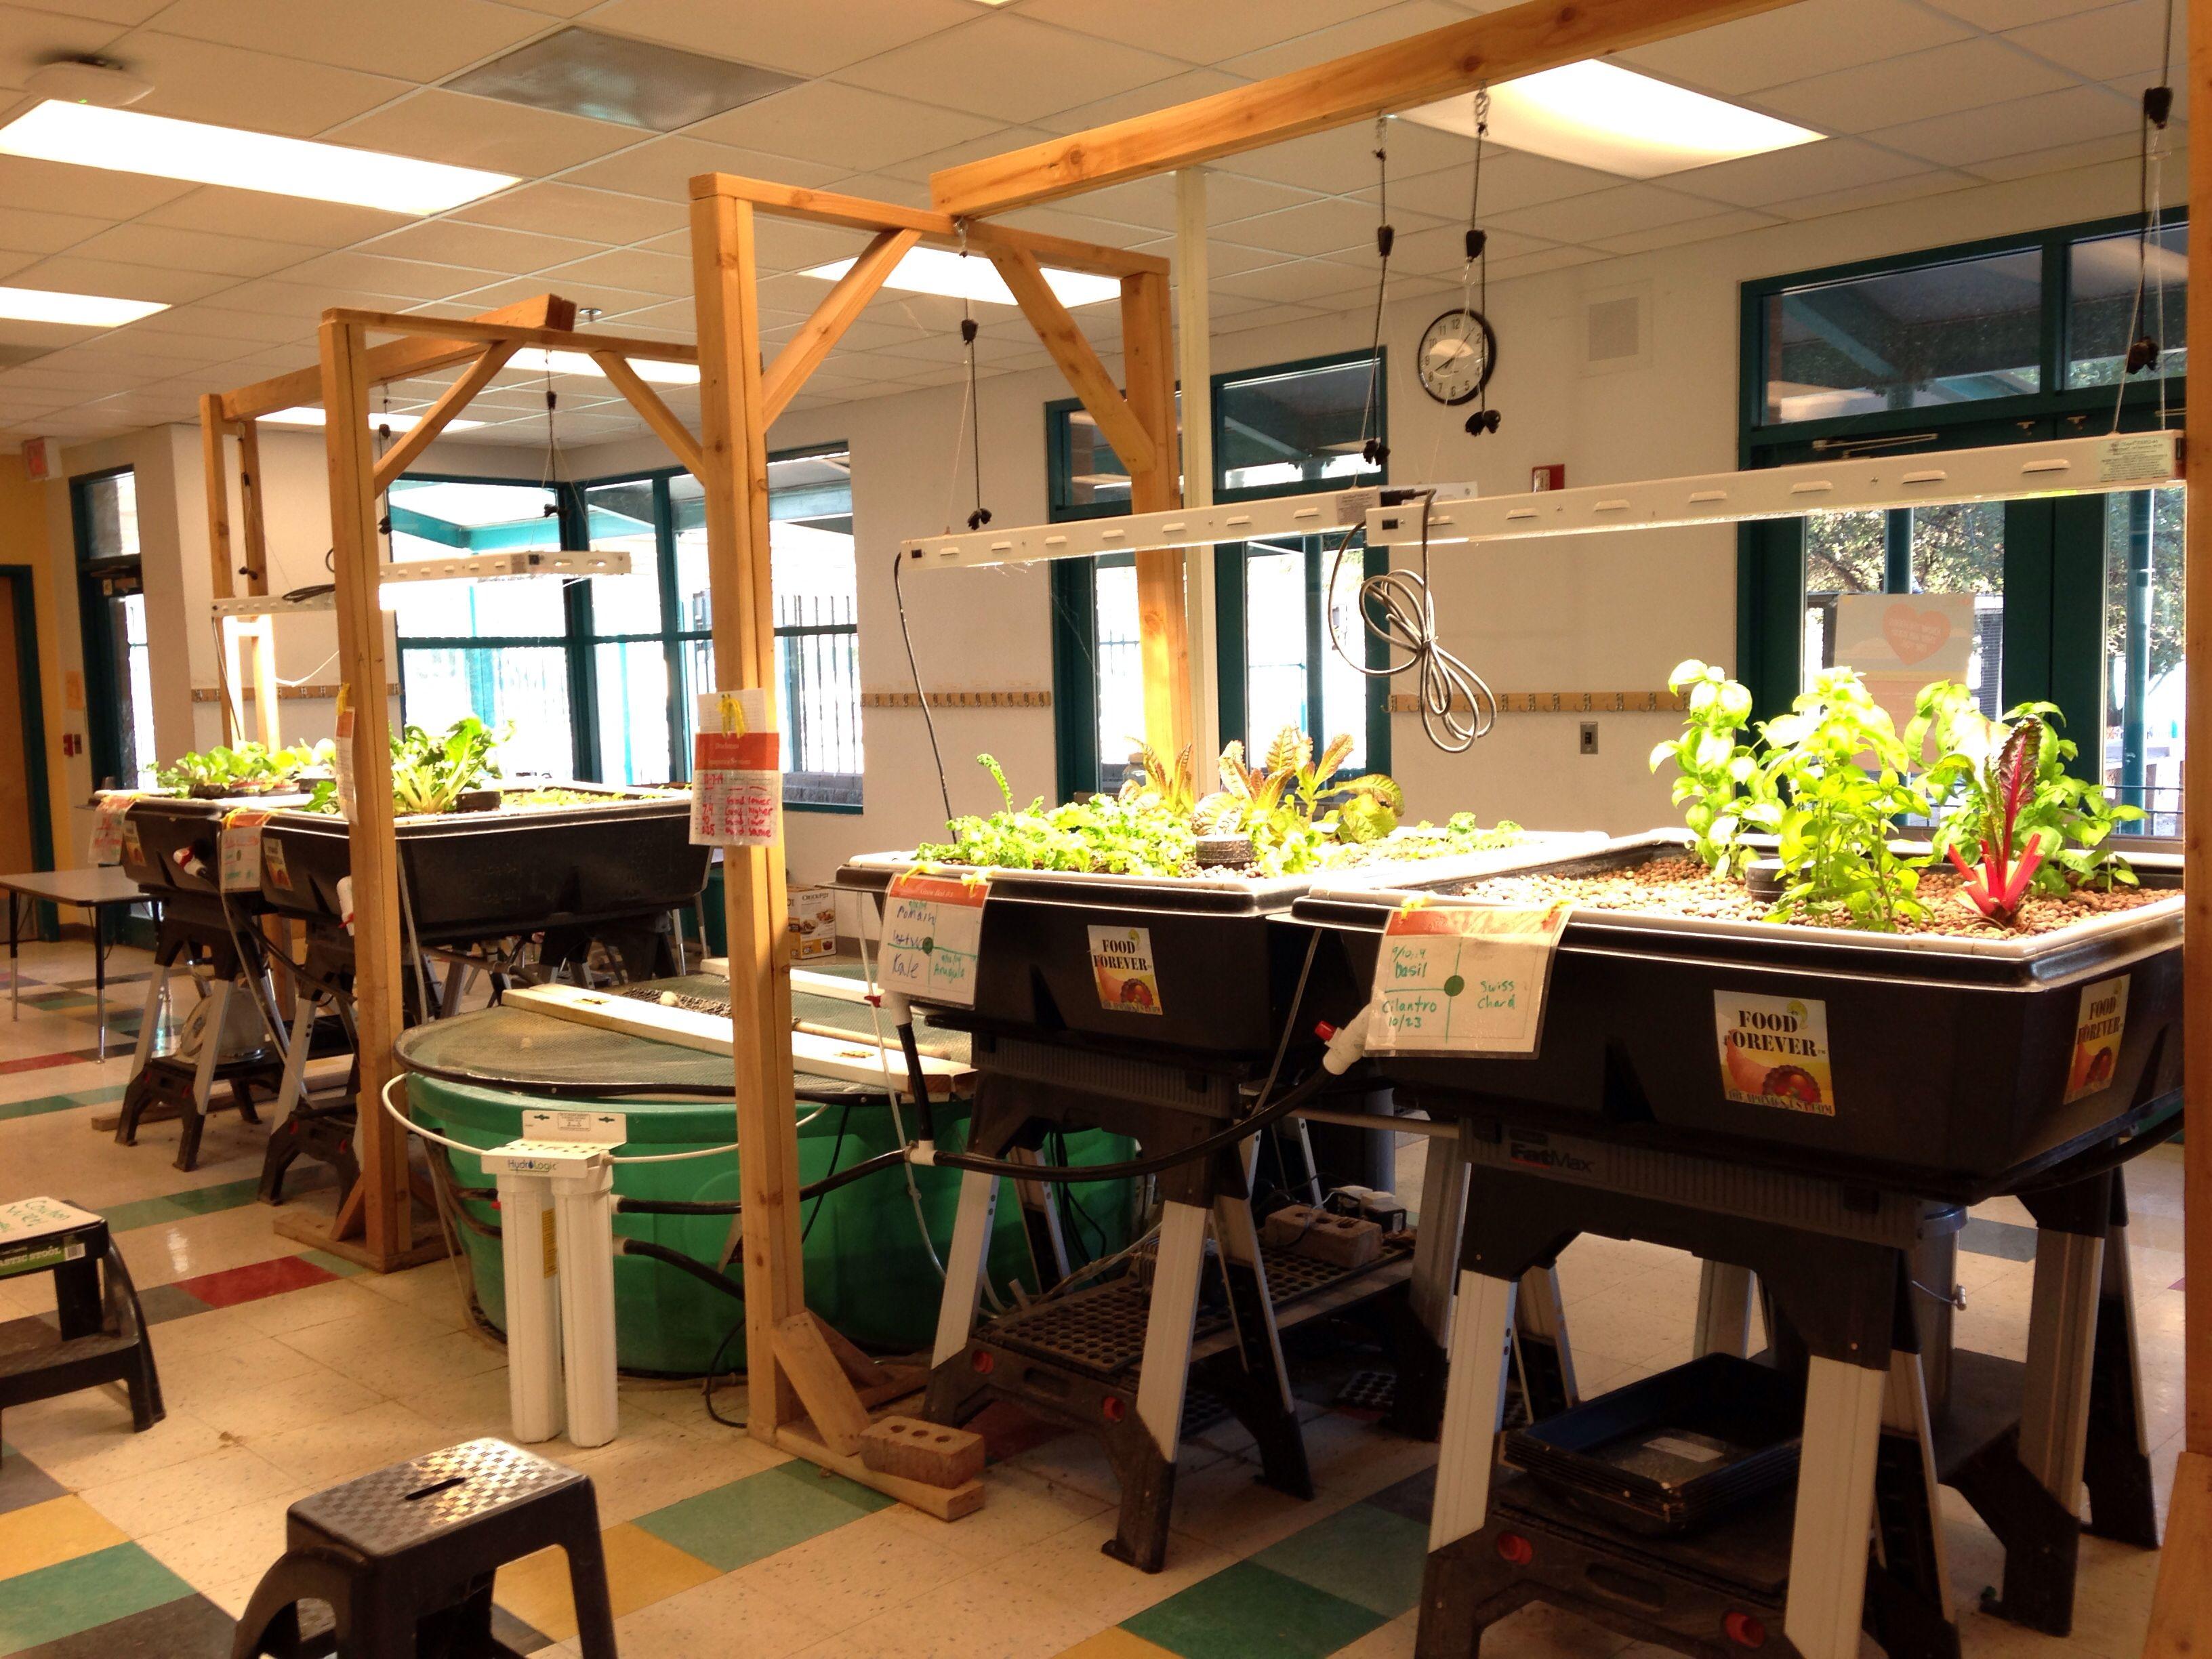 Aquaponics Ecology projects, Aquaponics, Decor